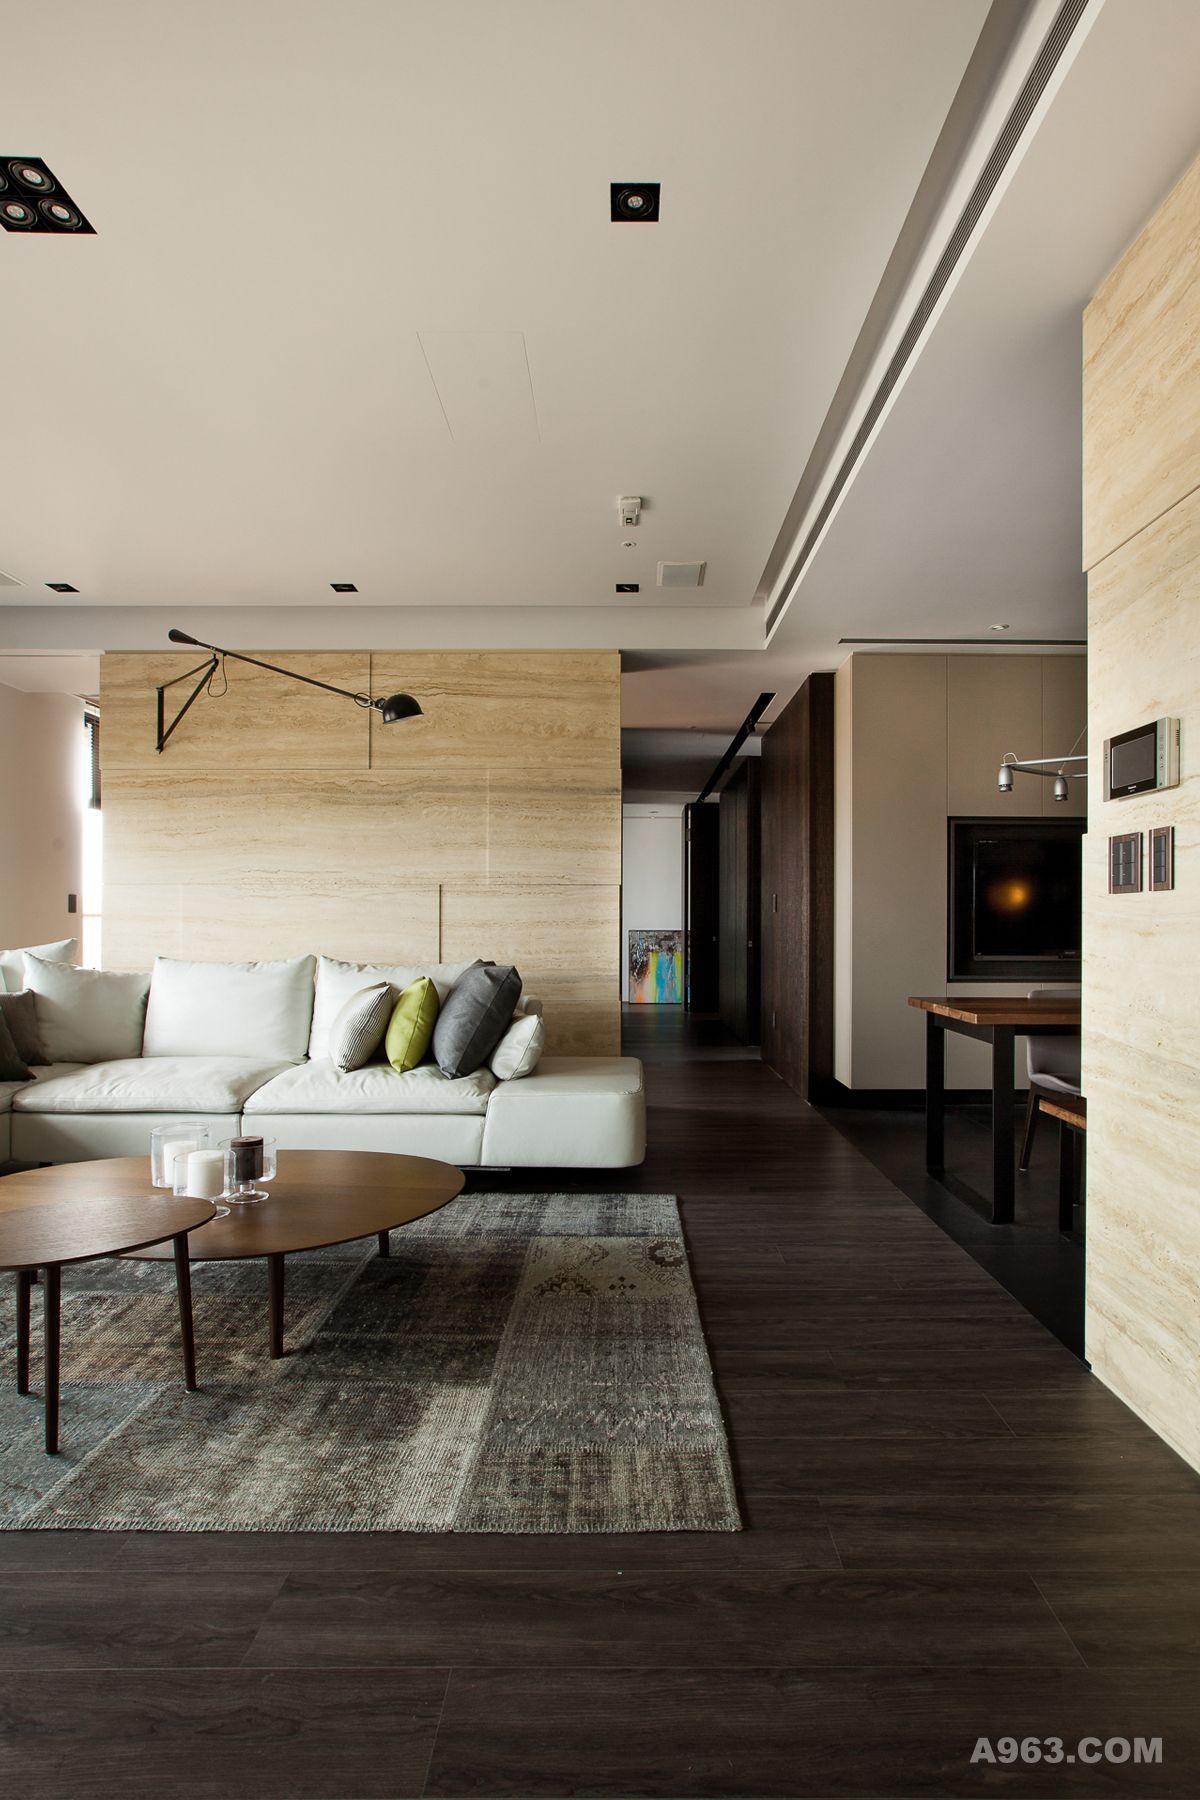 廊道与沙发背墙的大理石让开放式的动线,有整体的设计感